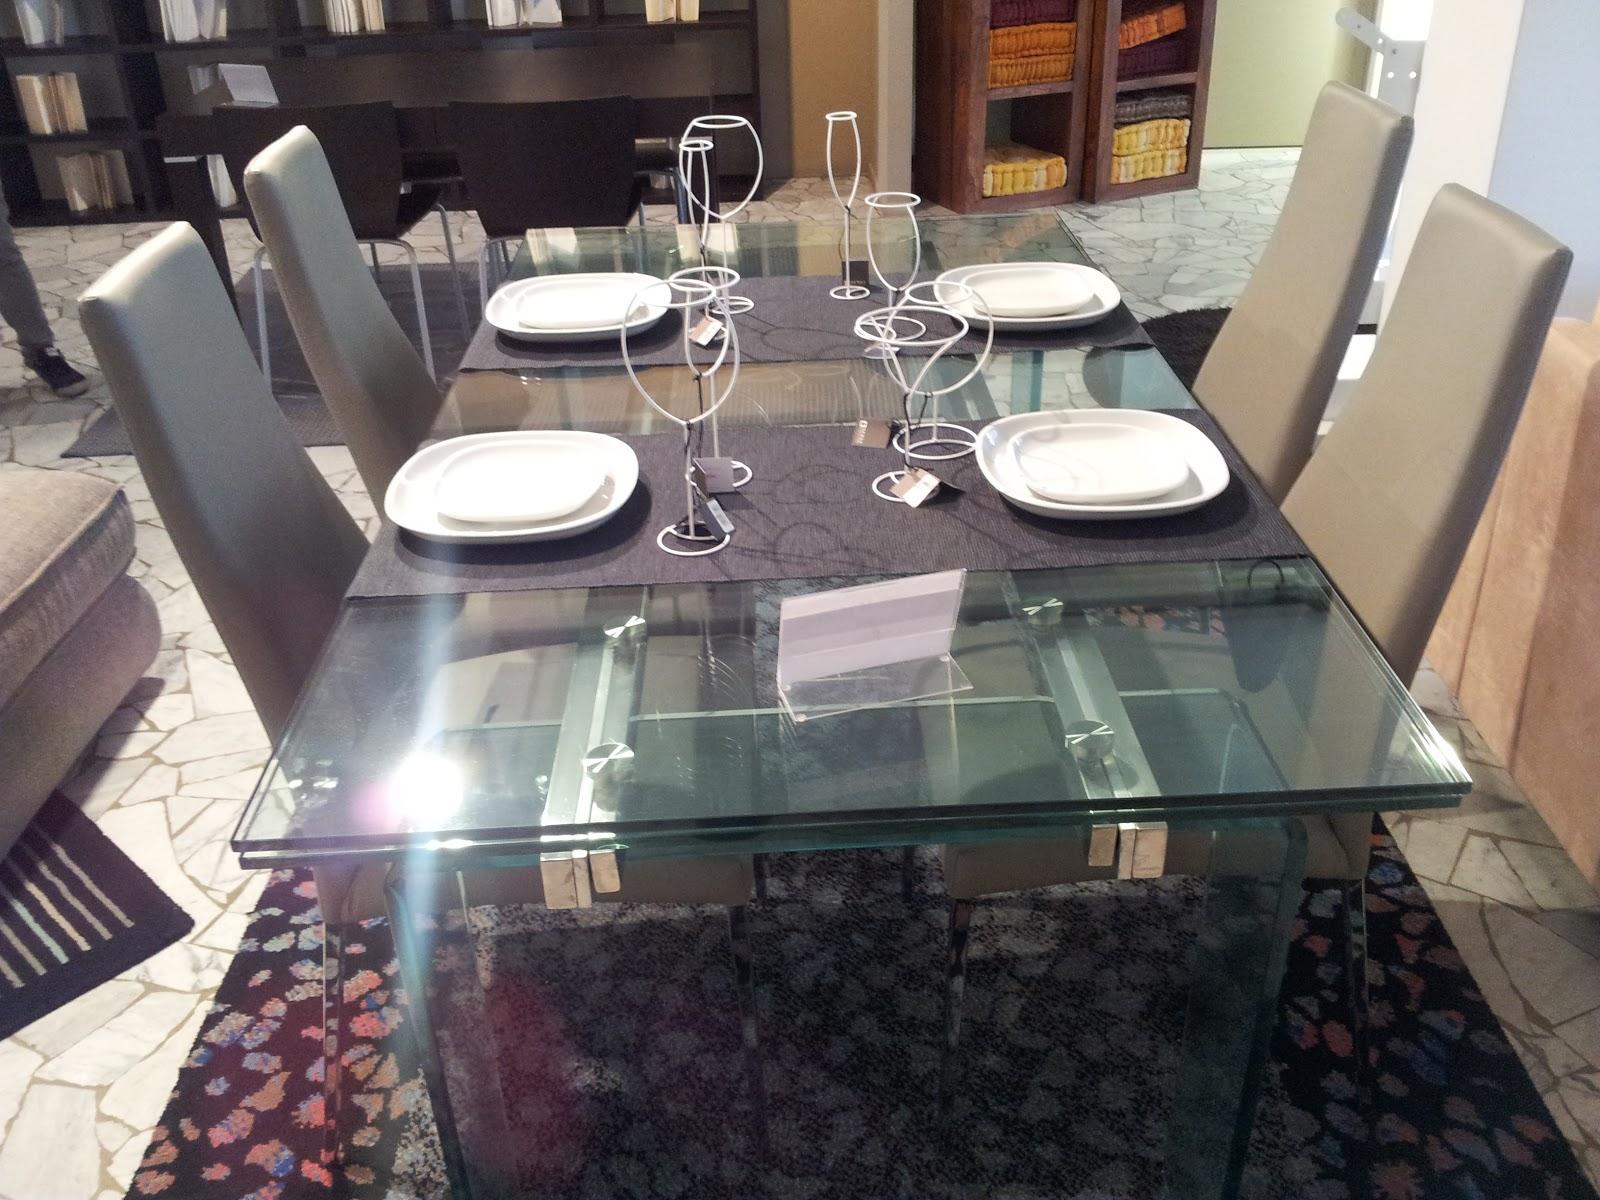 Domus arredi si parte al lavoro per rinnovare tutto il centro cucine veneta cucine - Tavoli in vetro allungabili economici ...